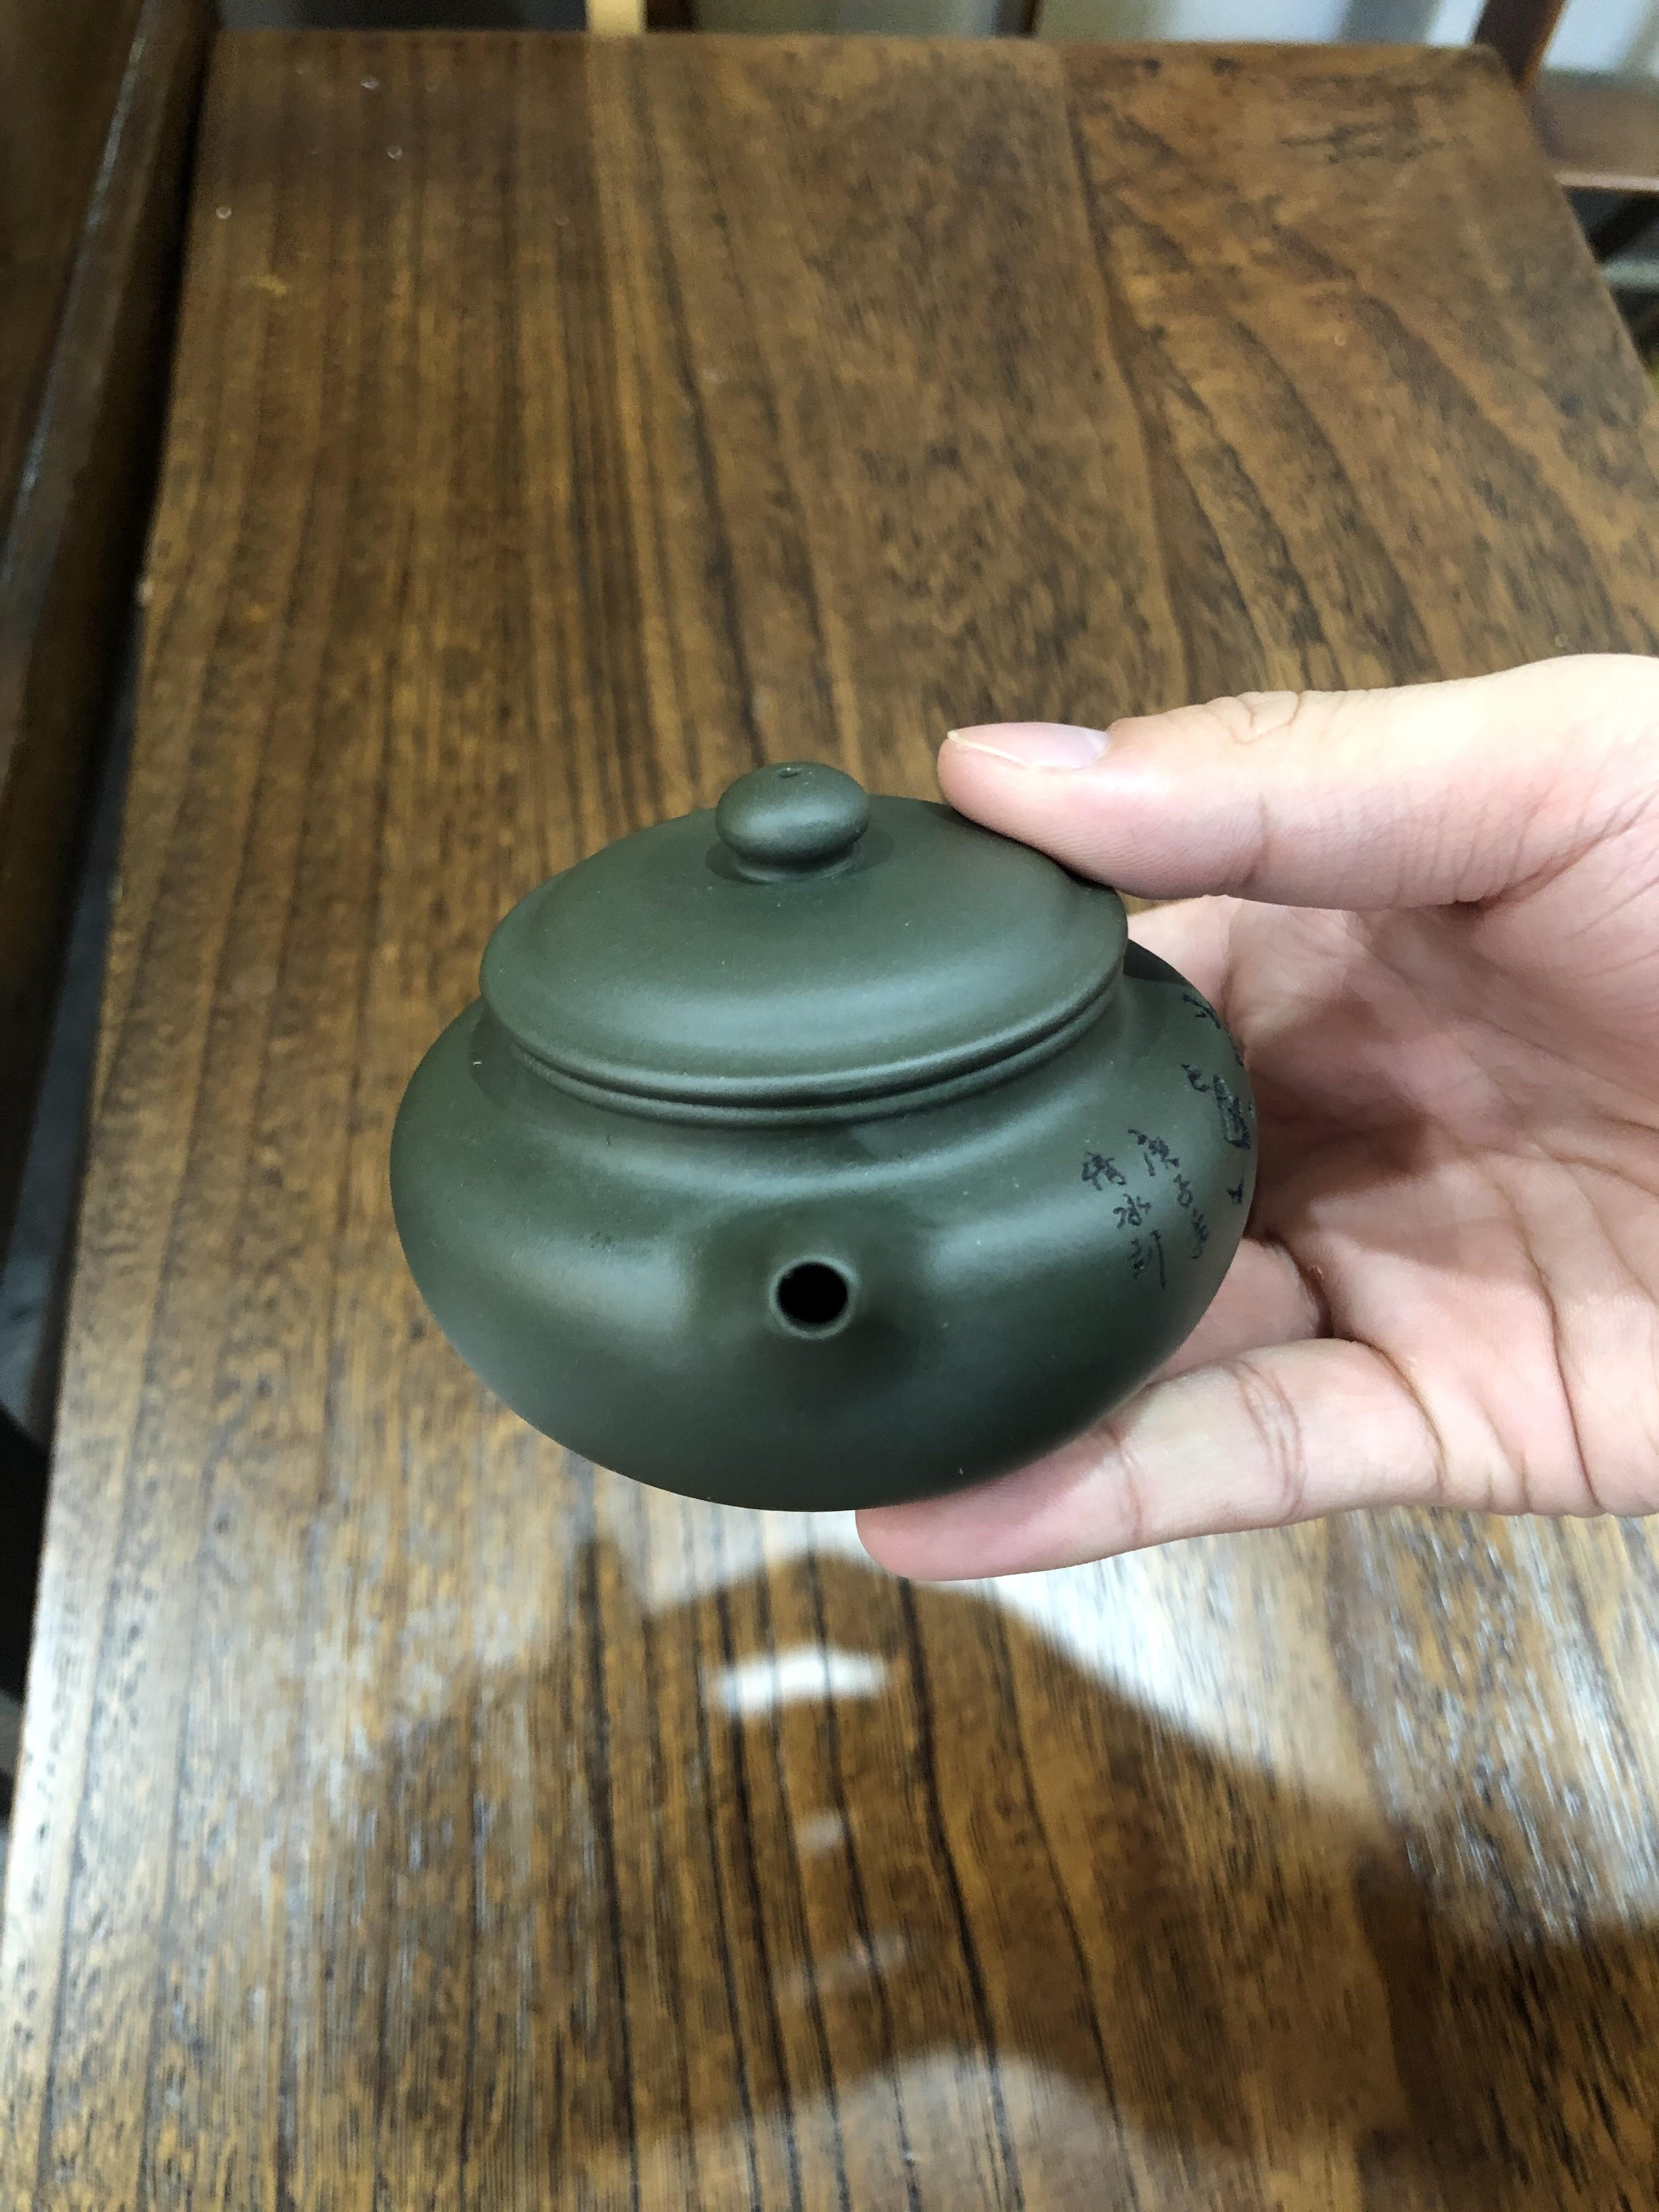 藏壶天下宜兴名家紫砂壶纯手工茶壶功夫茶具绿泥石瓢壶紫砂茶具泡茶壶220ml